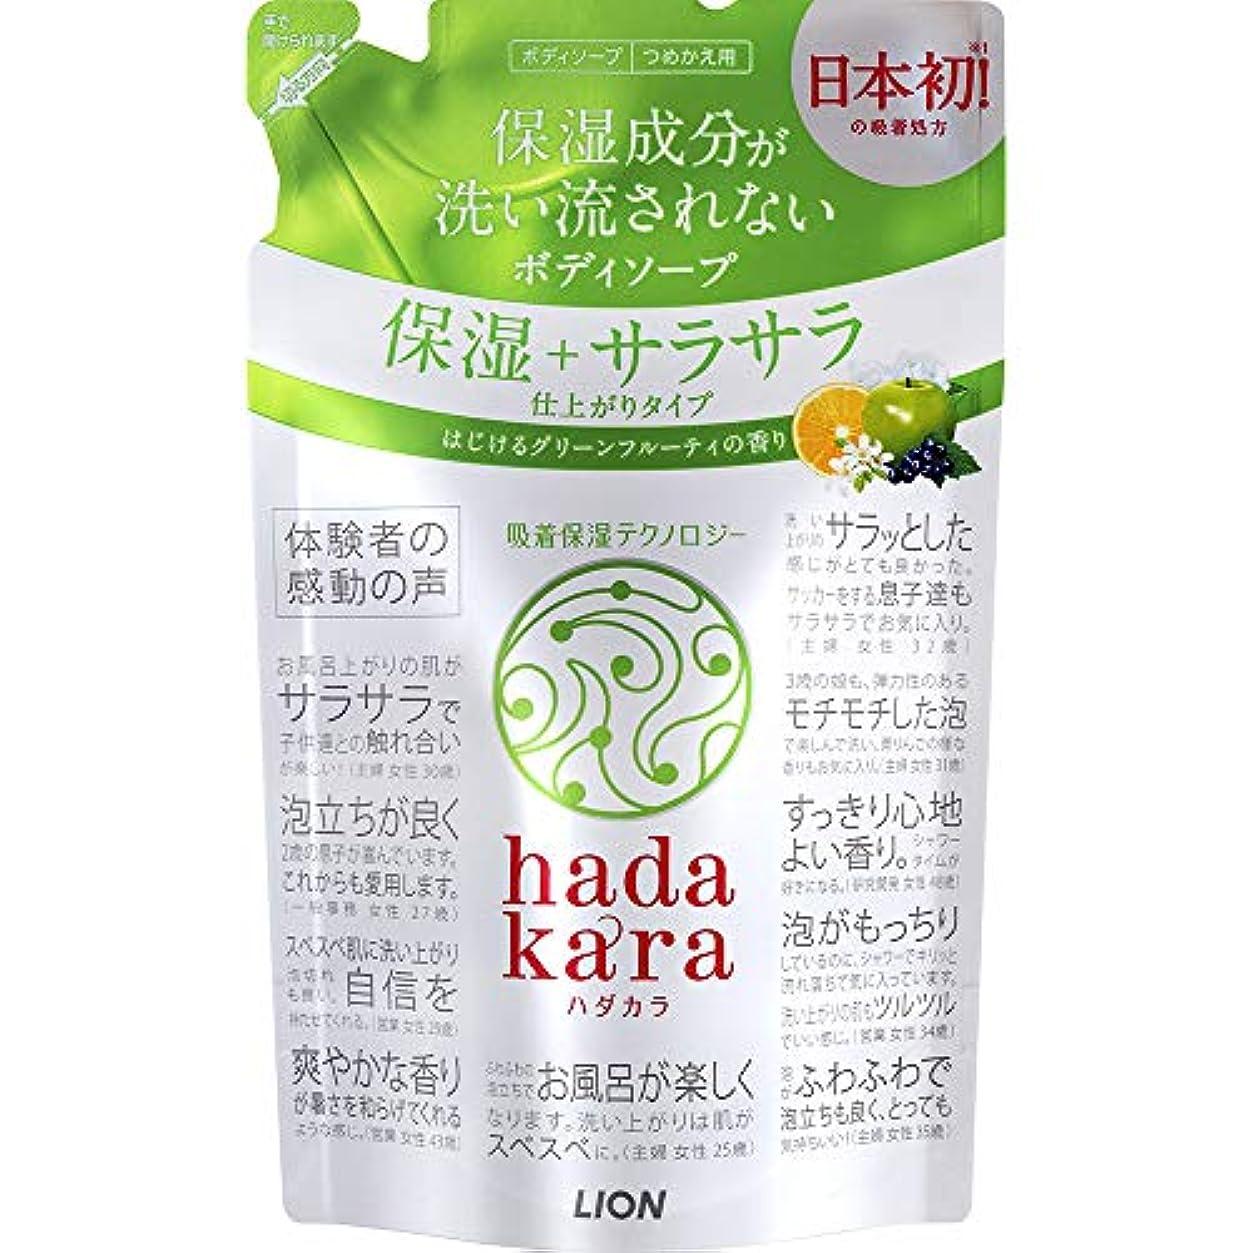 免除する不機嫌そうなに向けて出発hadakara(ハダカラ) ボディソープ 保湿+サラサラ仕上がりタイプ グリーンフルーティの香り 詰め替え 340ml